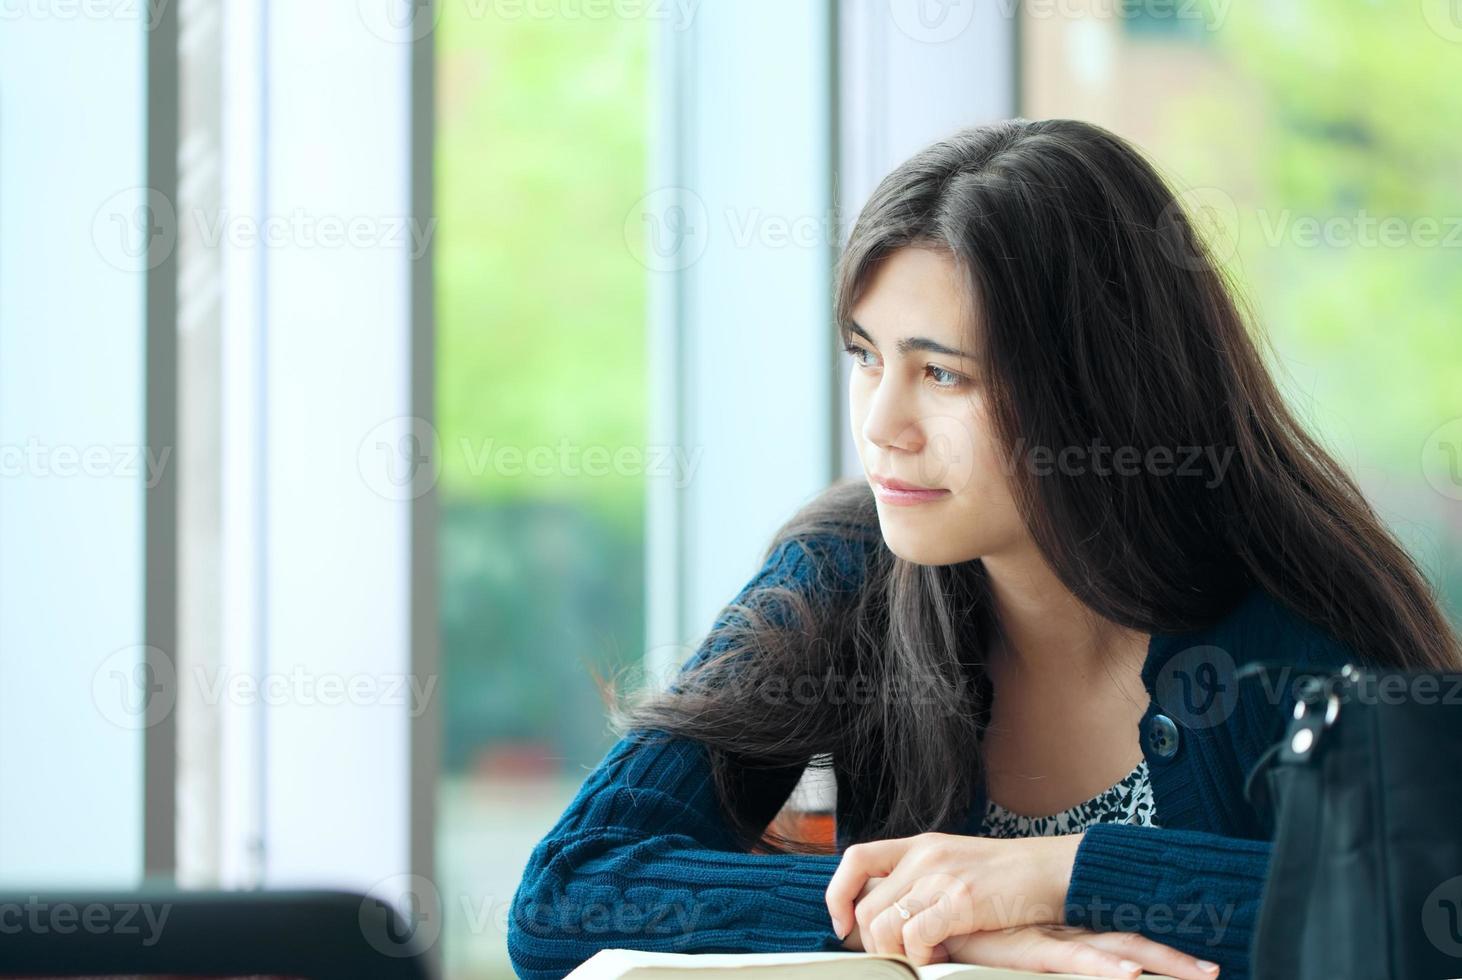 giovane studente guardando fuori dalla finestra mentre studiava foto